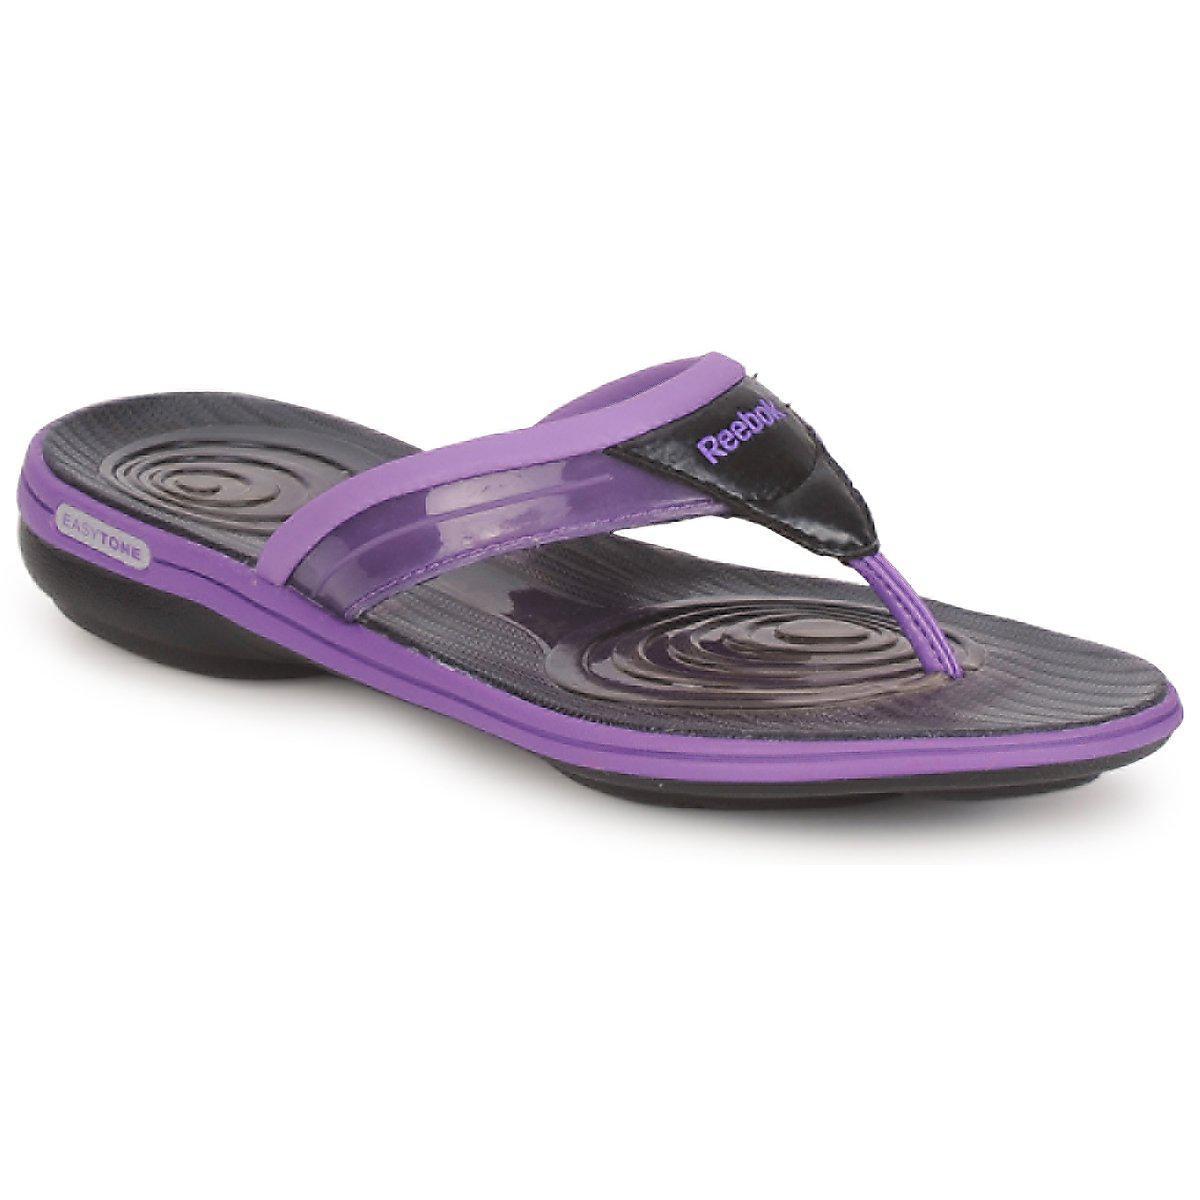 fd845fb5dfb Reebok Easytone Plus Flip Flip Flops   Sandals (shoes) in Purple - Lyst